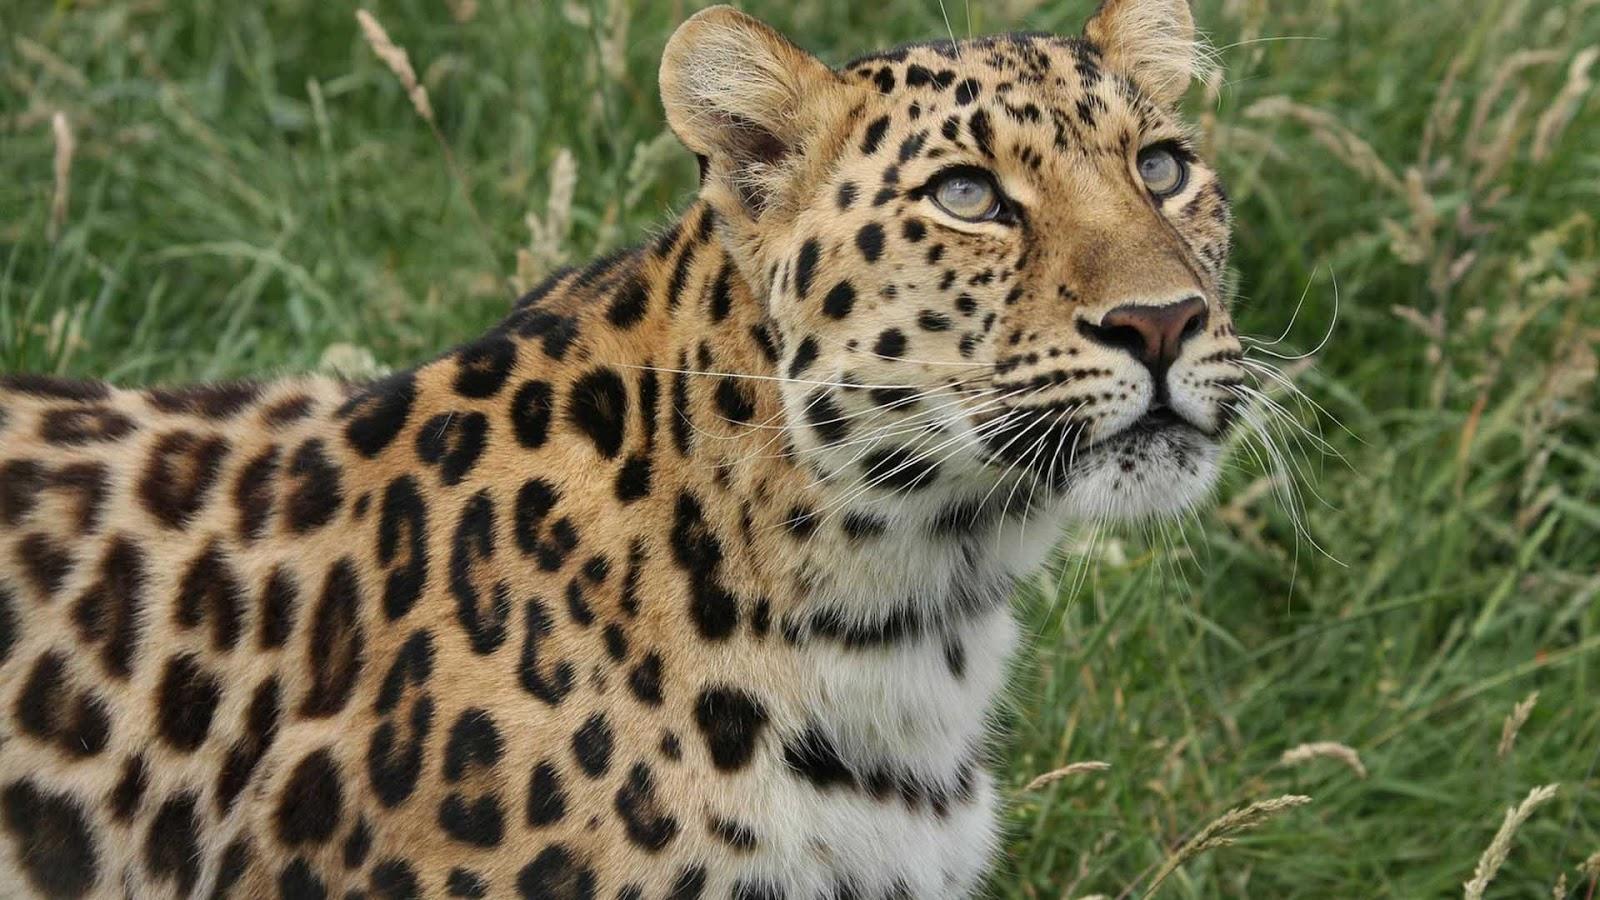 leopard hd wallpapers 1080p